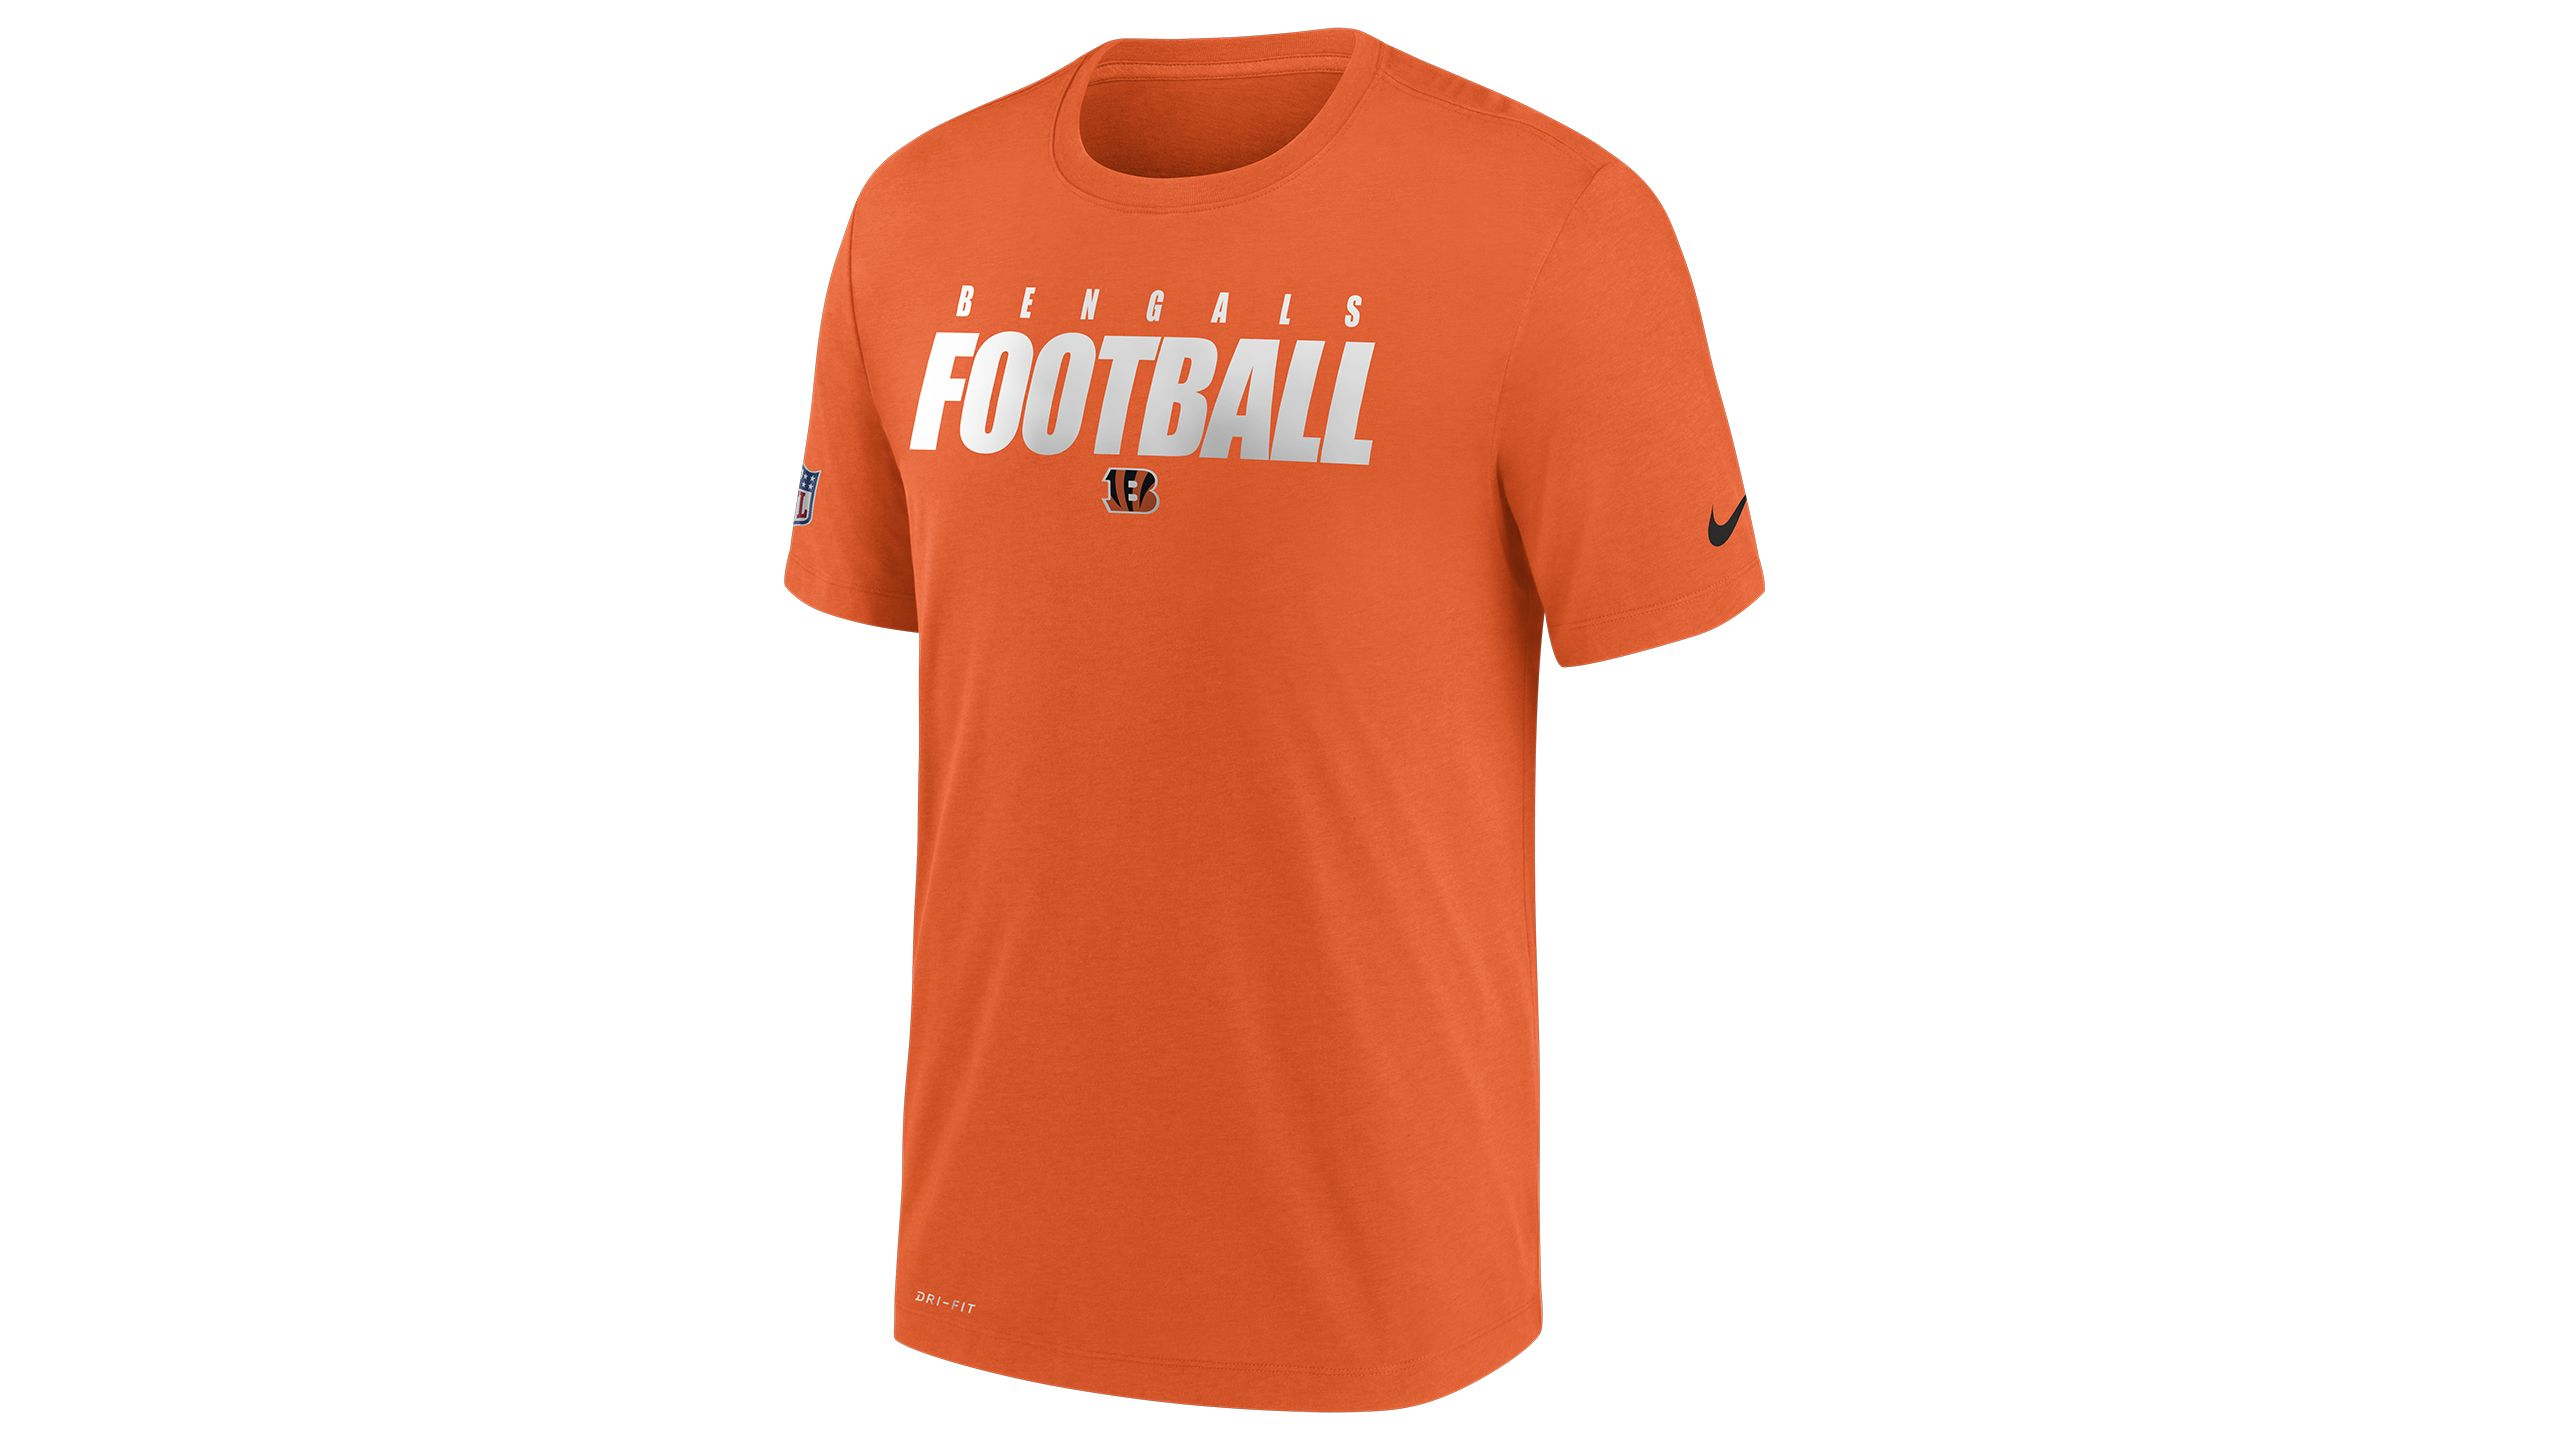 Nike Football Tee Orange